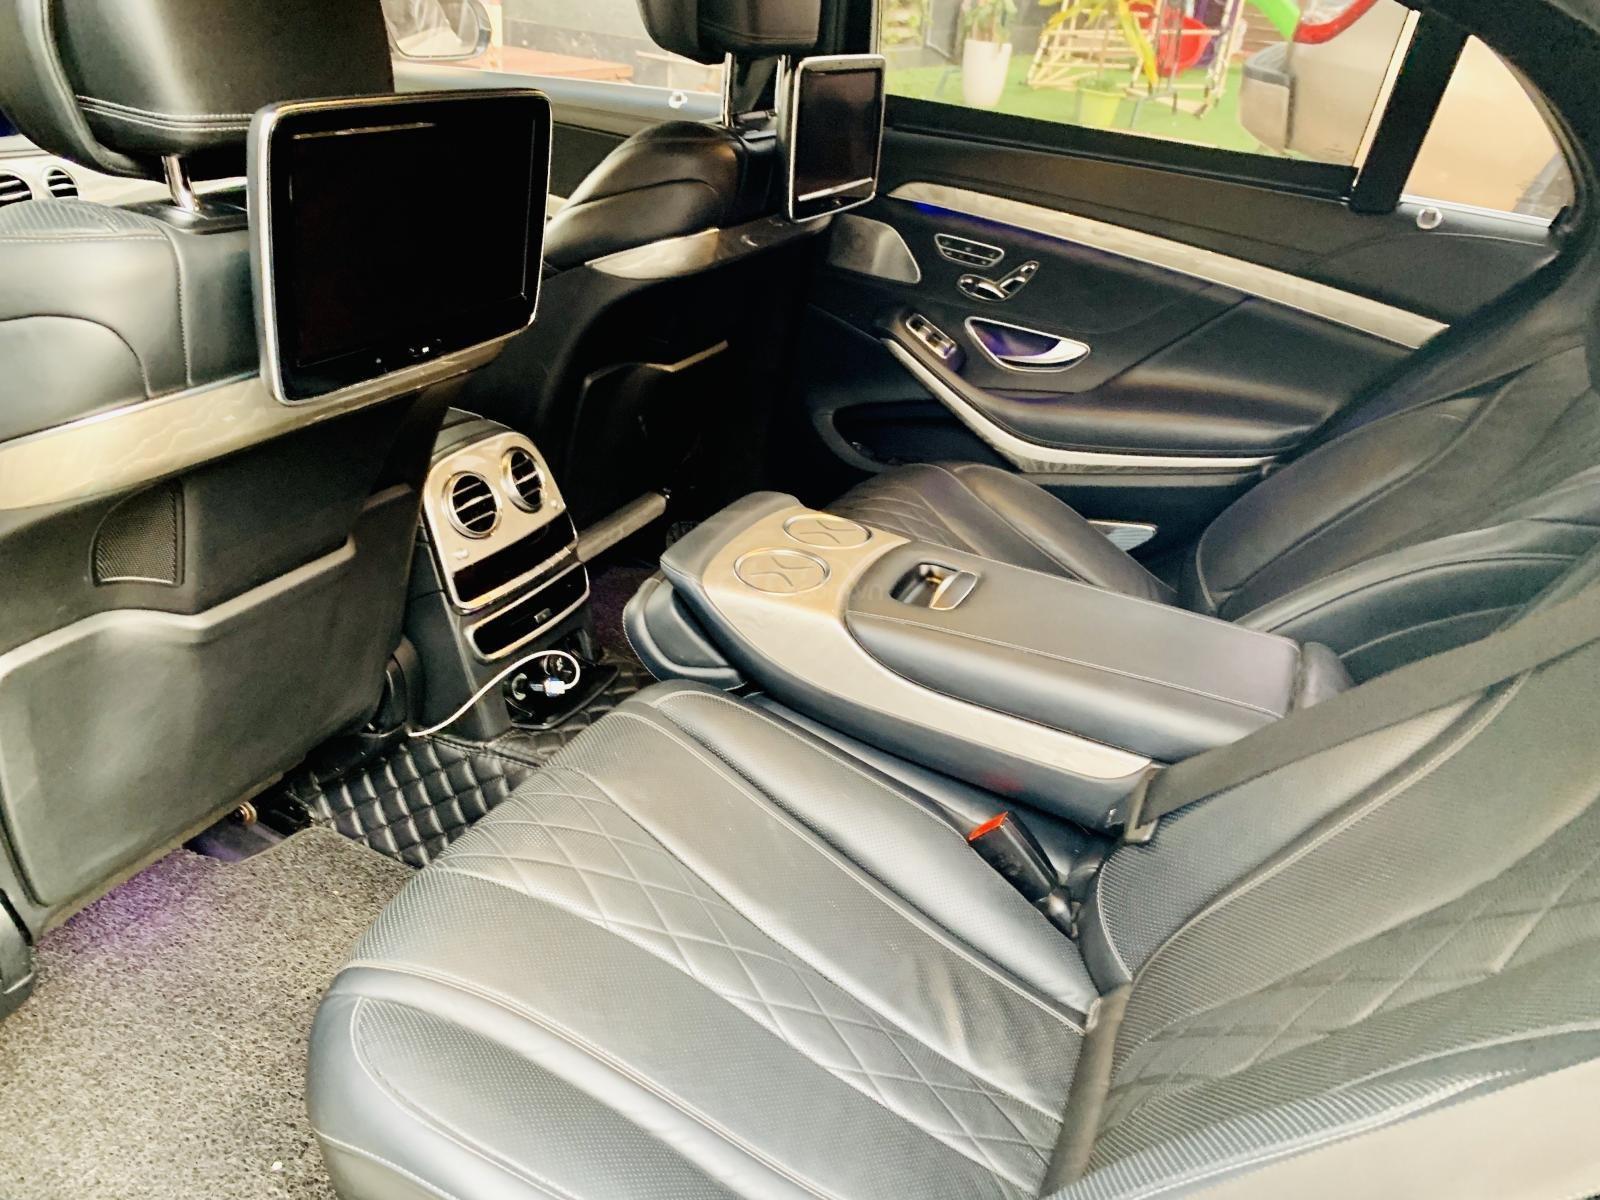 Gia đình thừa xe cần bán Mercedes-Benz S class S500 lên full Maybach 2015 đẹp như mới-6